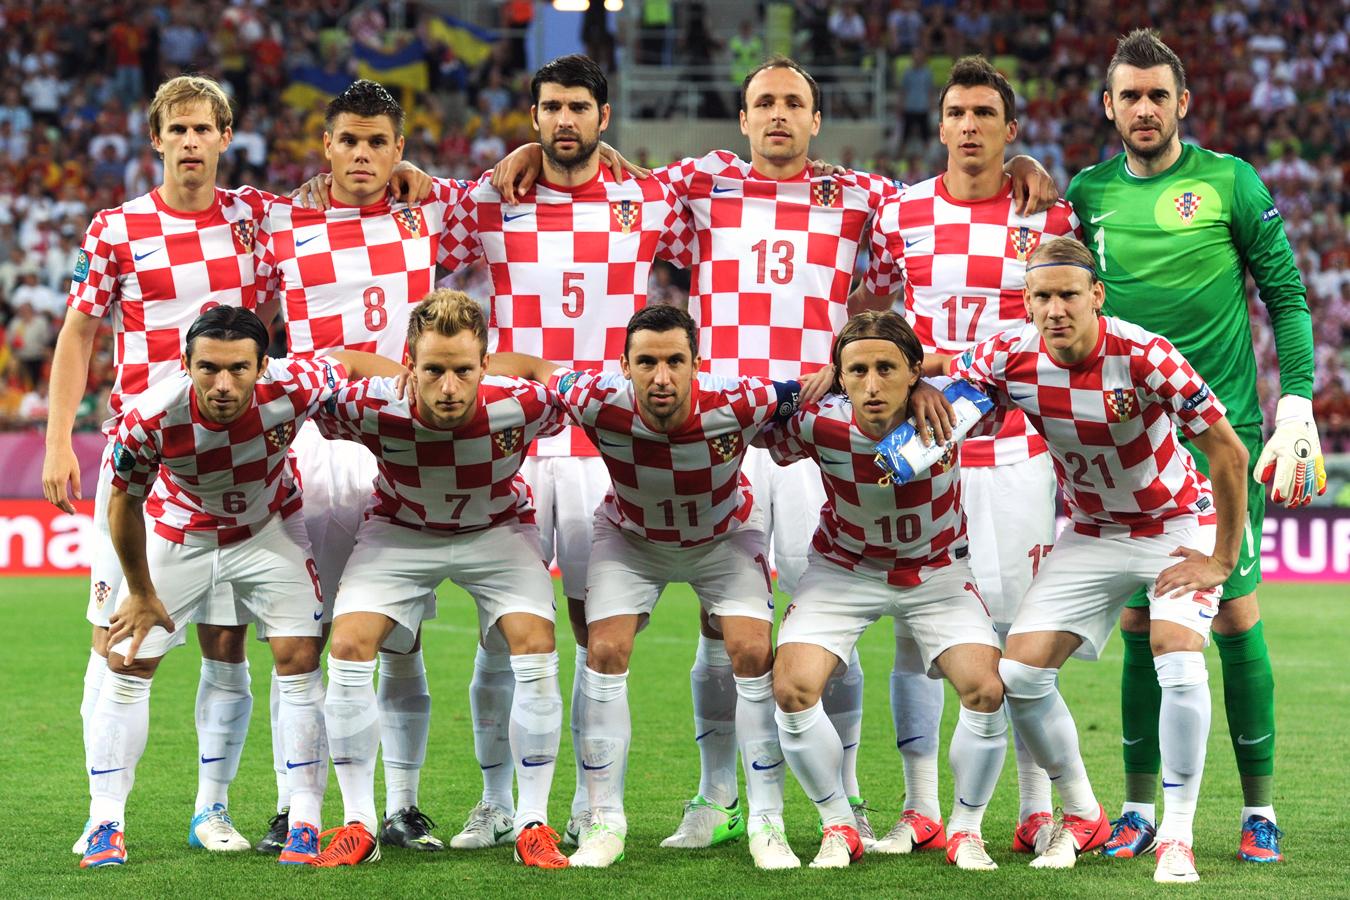 reprezentacje_euro2016_chorwacja.jpg